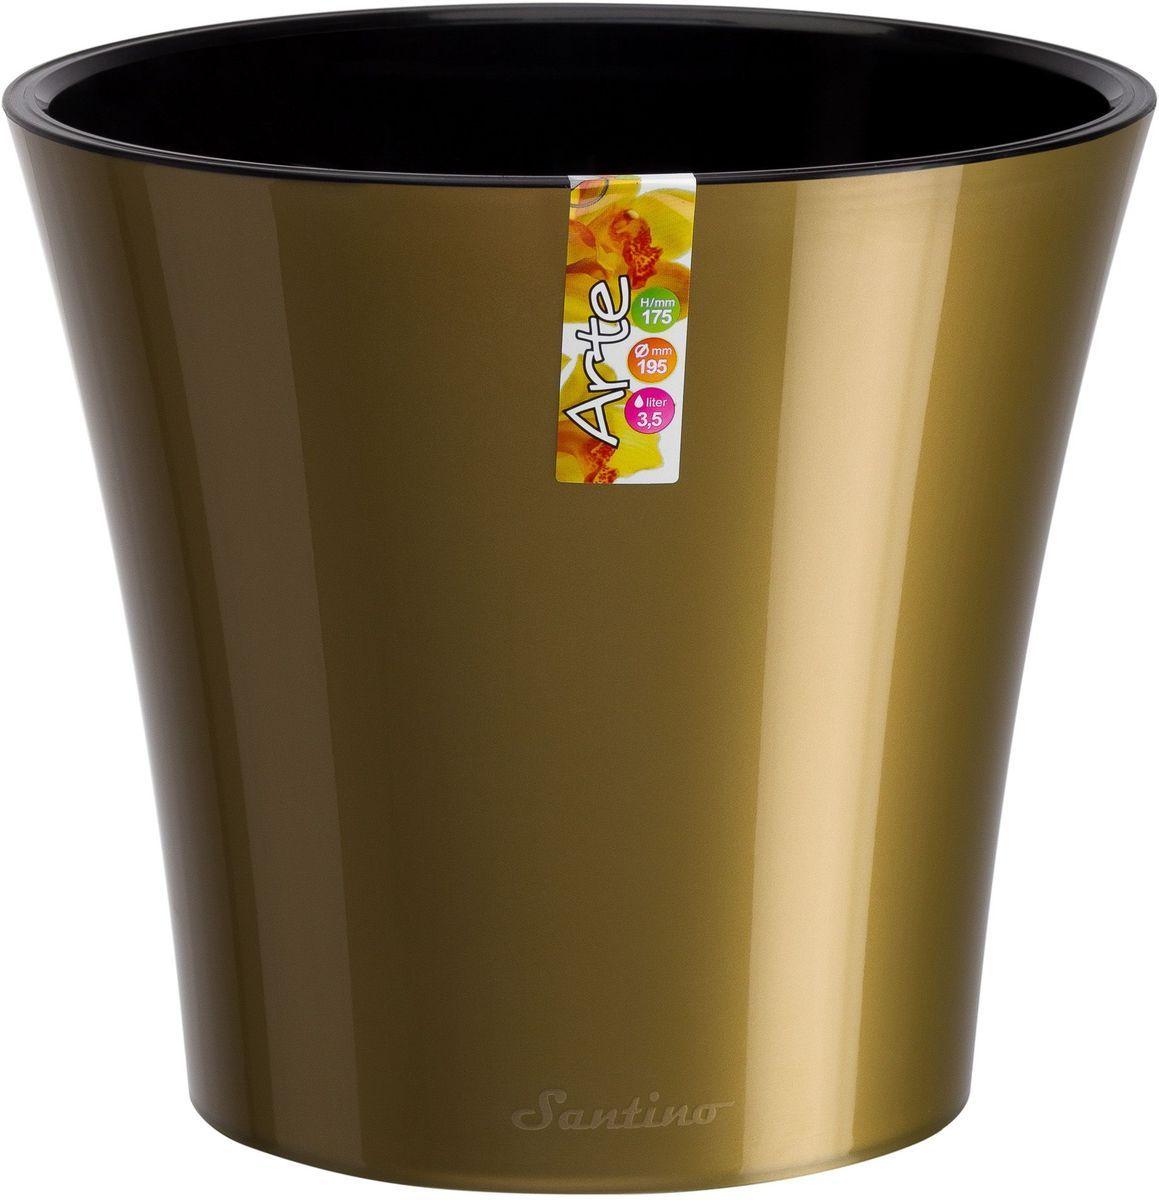 Горшок цветочный Santino Арте, двойной, с системой автополива, цвет: золотой, черный, 5 лМ 3102Любой, даже самый современный и продуманный интерьер будет незавершенным без растений. Они не только очищают воздух и насыщают его кислородом, но и украшают окружающее пространство. Такому полезному члену семьи просто необходим красивый и функциональный дом! Оптимальный выбор материала — пластмасса! Почему мы так считаем? Малый вес. С легкостью переносите горшки и кашпо с места на место, ставьте их на столики или полки, не беспокоясь о нагрузке. Простота ухода. Кашпо не нуждается в специальных условиях хранения. Его легко чистить — достаточно просто сполоснуть теплой водой. Никаких потертостей. Такие кашпо не царапают и не загрязняют поверхности, на которых стоят. Пластик дольше хранит влагу, а значит, растение реже нуждается в поливе. Пластмасса не пропускает воздух — корневой системе растения не грозят резкие перепады температур. Огромный выбор форм, декора и расцветок — вы без труда найдете что-то, что идеально впишется в уже существующий интерьер. Соблюдая нехитрые правила ухода, вы можете заметно продлить срок службы горшков и кашпо из пластика: всегда учитывайте размер кроны и корневой системы (при разрастании большое растение способно повредить маленький горшок) берегите изделие от воздействия прямых солнечных лучей, чтобы горшки не выцветали держите кашпо из пластика подальше от нагревающихся поверхностей. Создавайте прекрасные цветочные композиции, выращивайте рассаду или необычные растения.